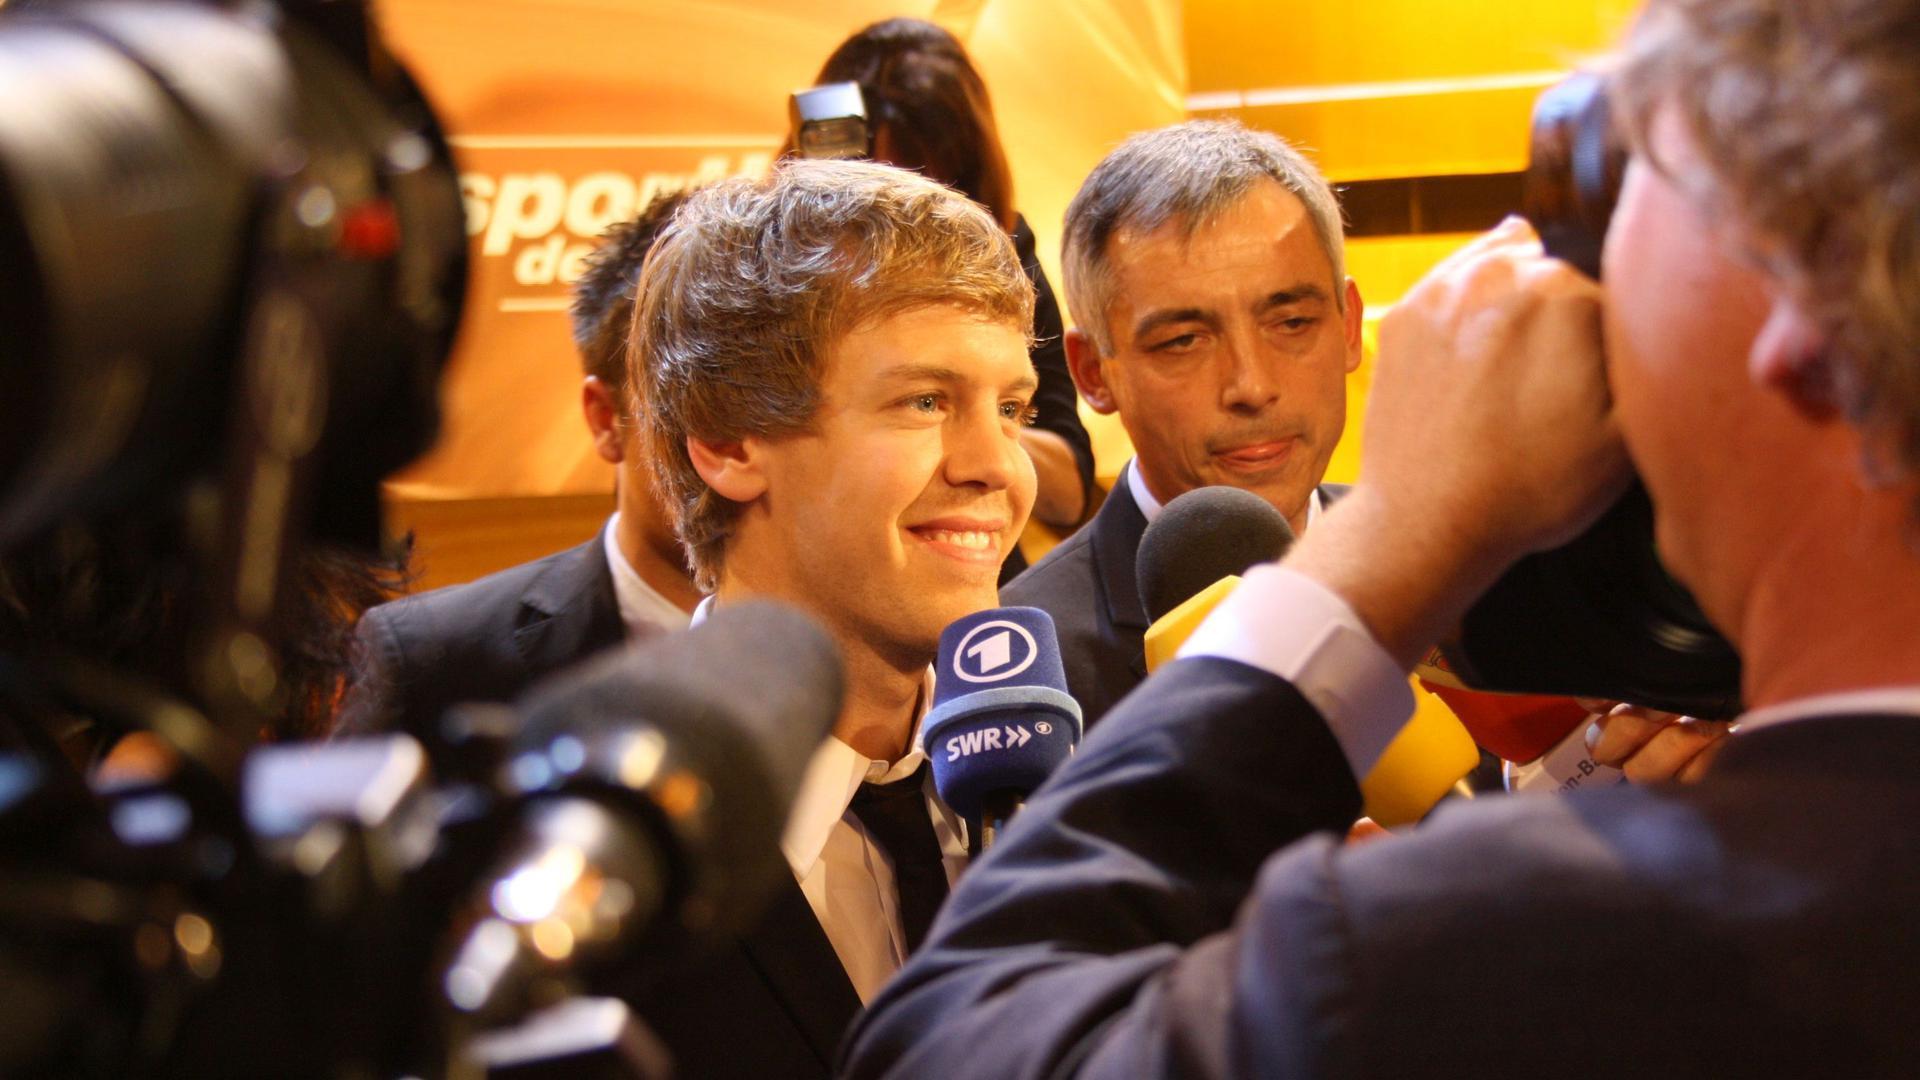 Sebastian Vettel bei der Wahl zum Sportler des Jahres 2010 in Baden-Baden